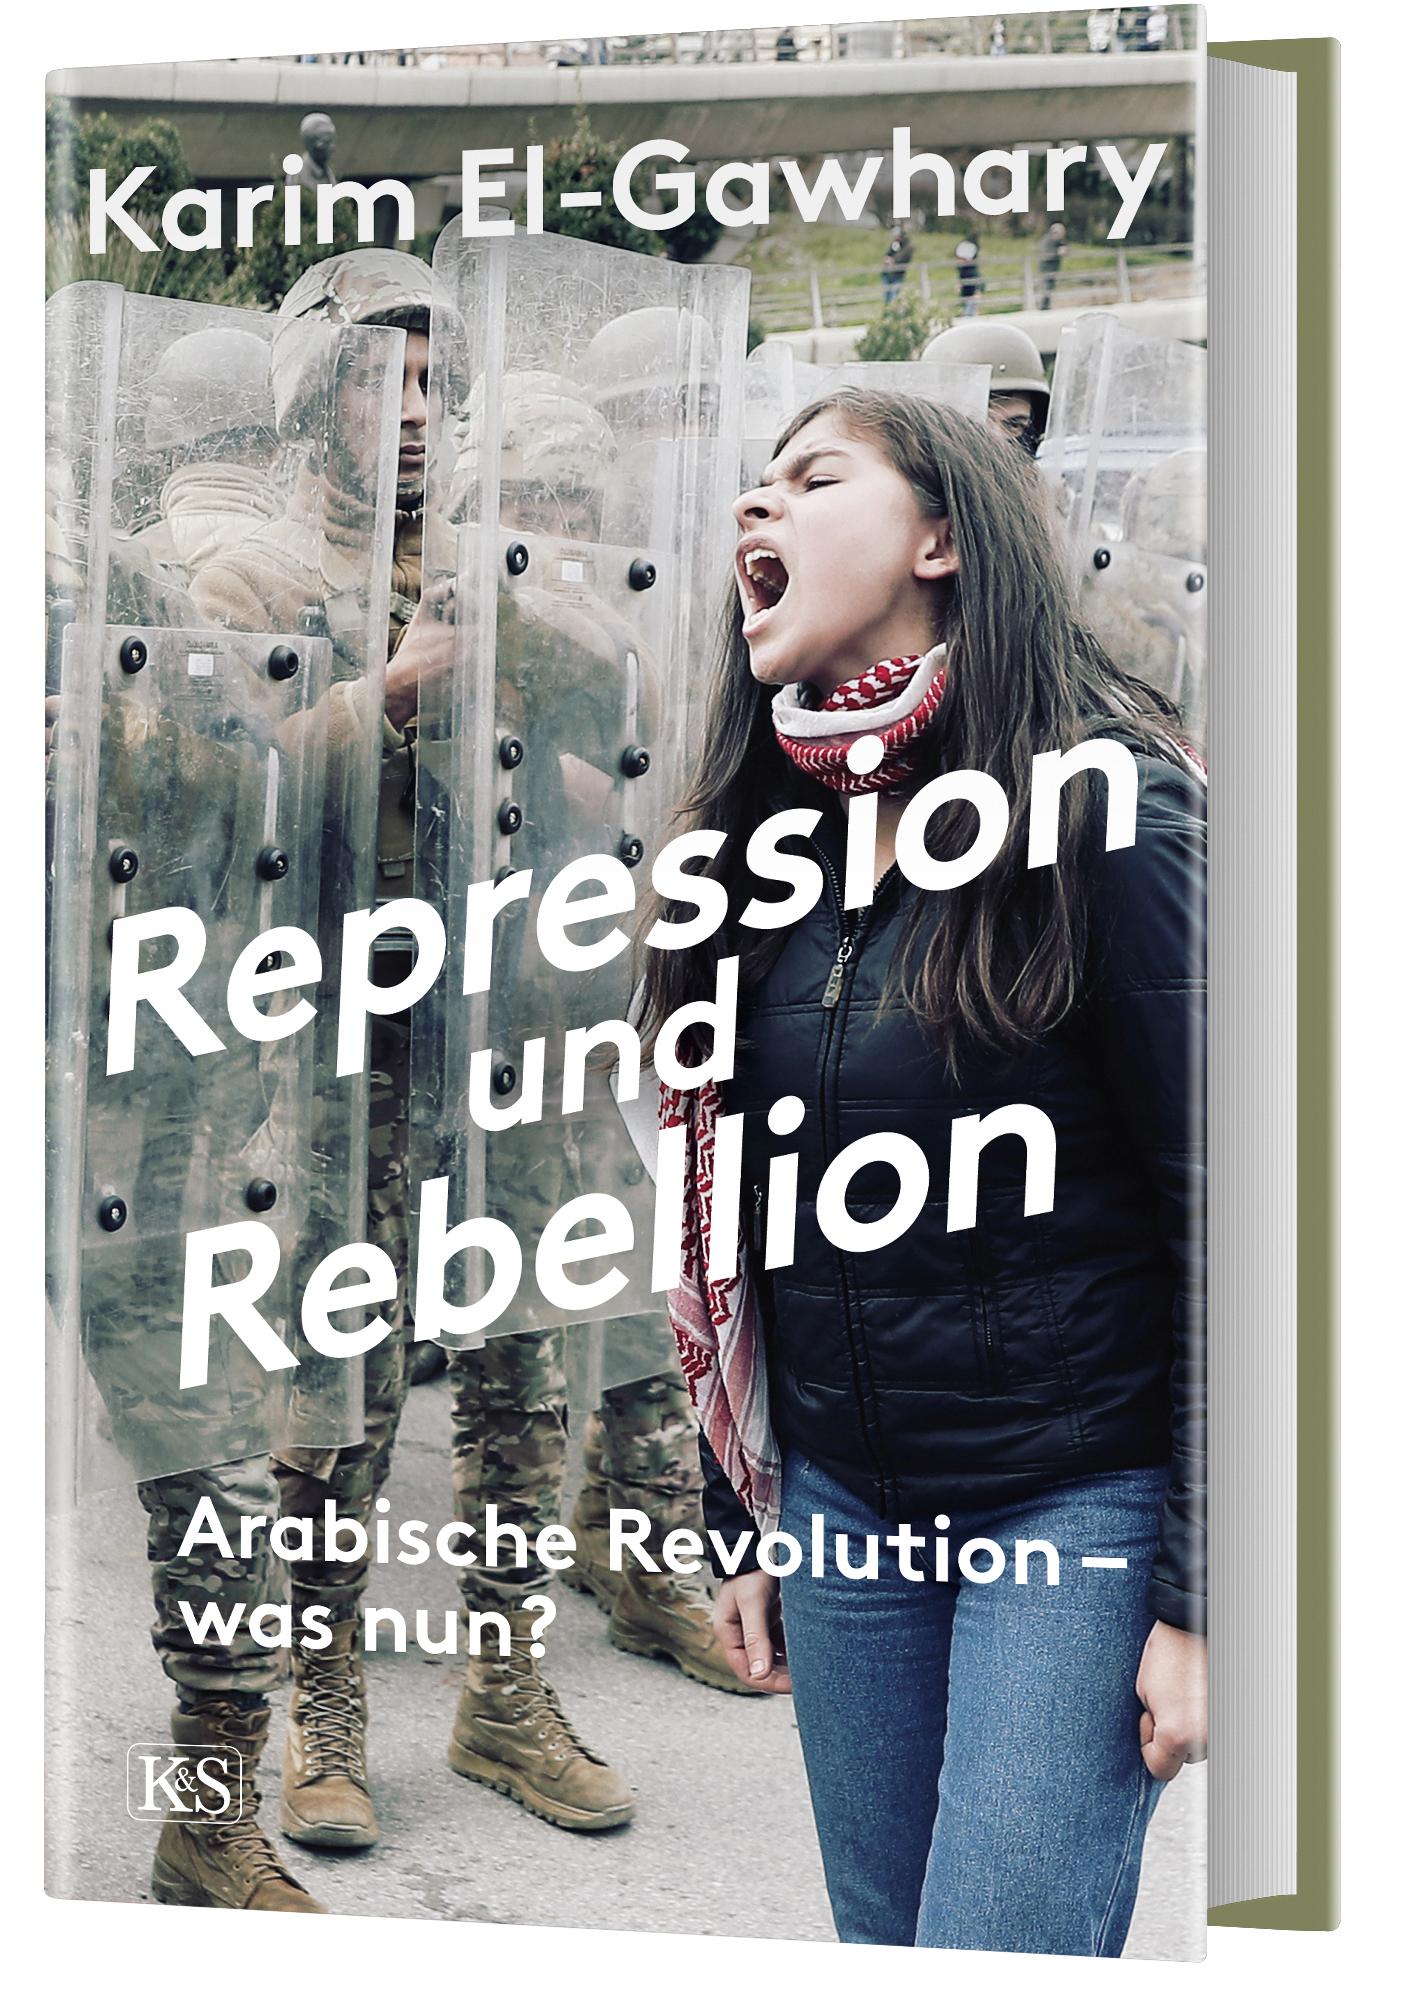 Repression und Rebellion: Arabische Revolution, was nun?